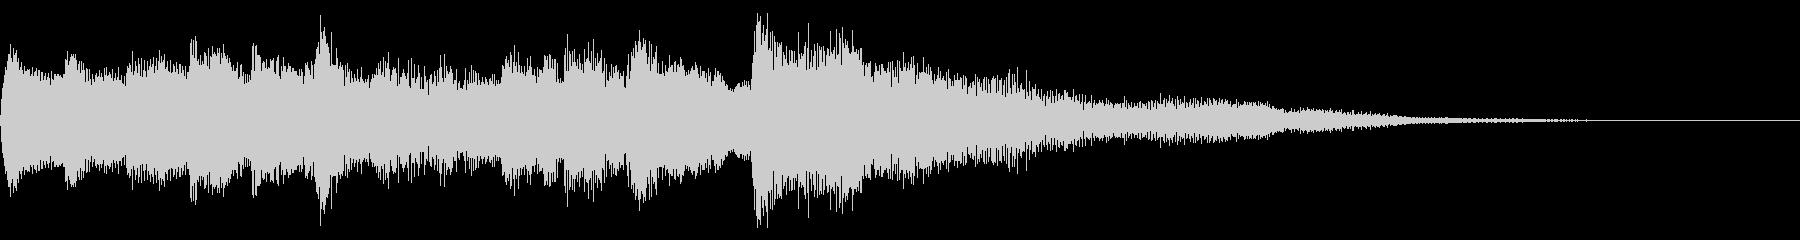 クリーントーンギターのアルペジオ 切替の未再生の波形